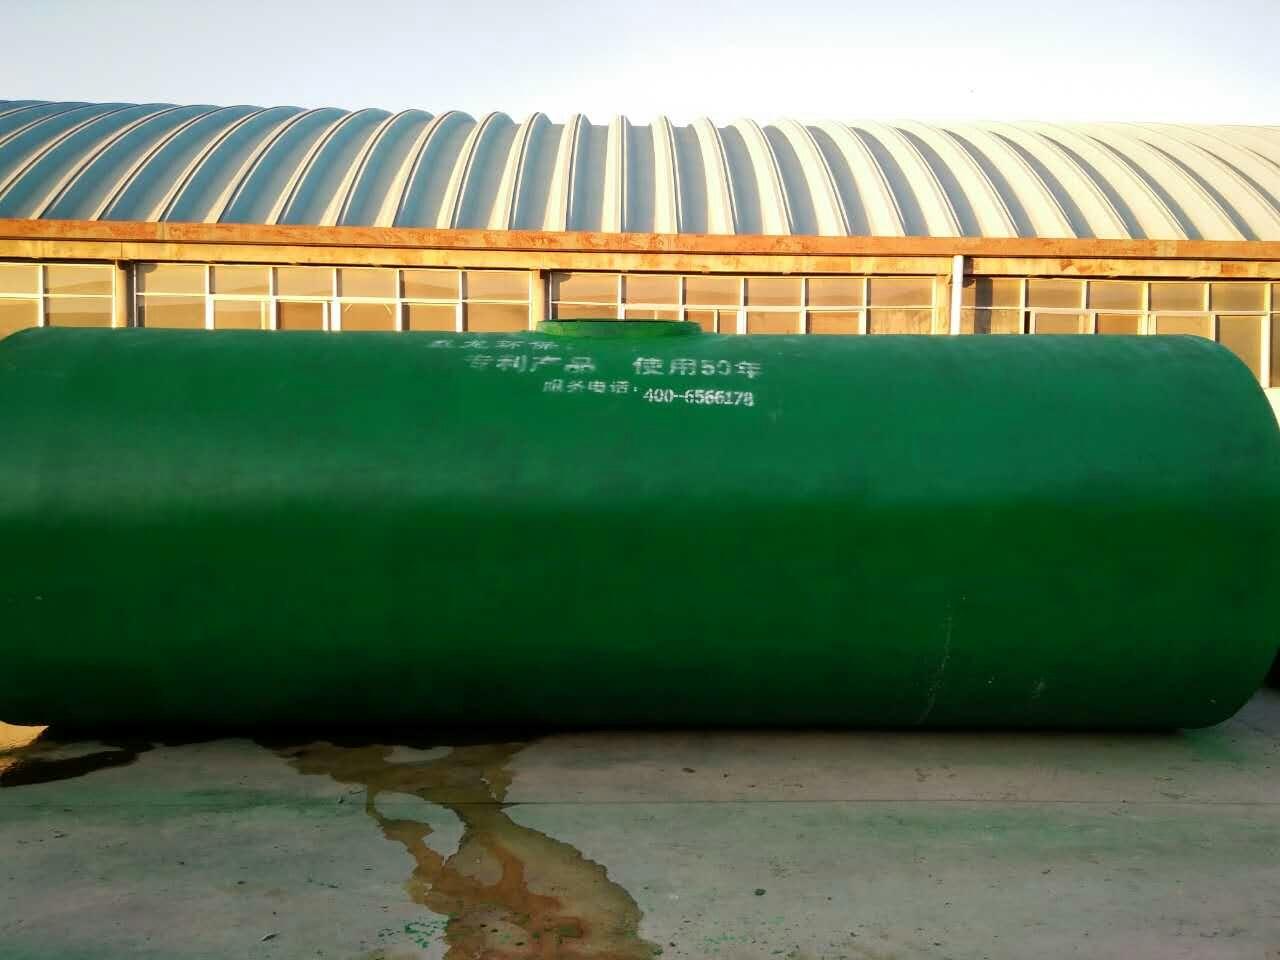 呈贡大渔村高速路项目